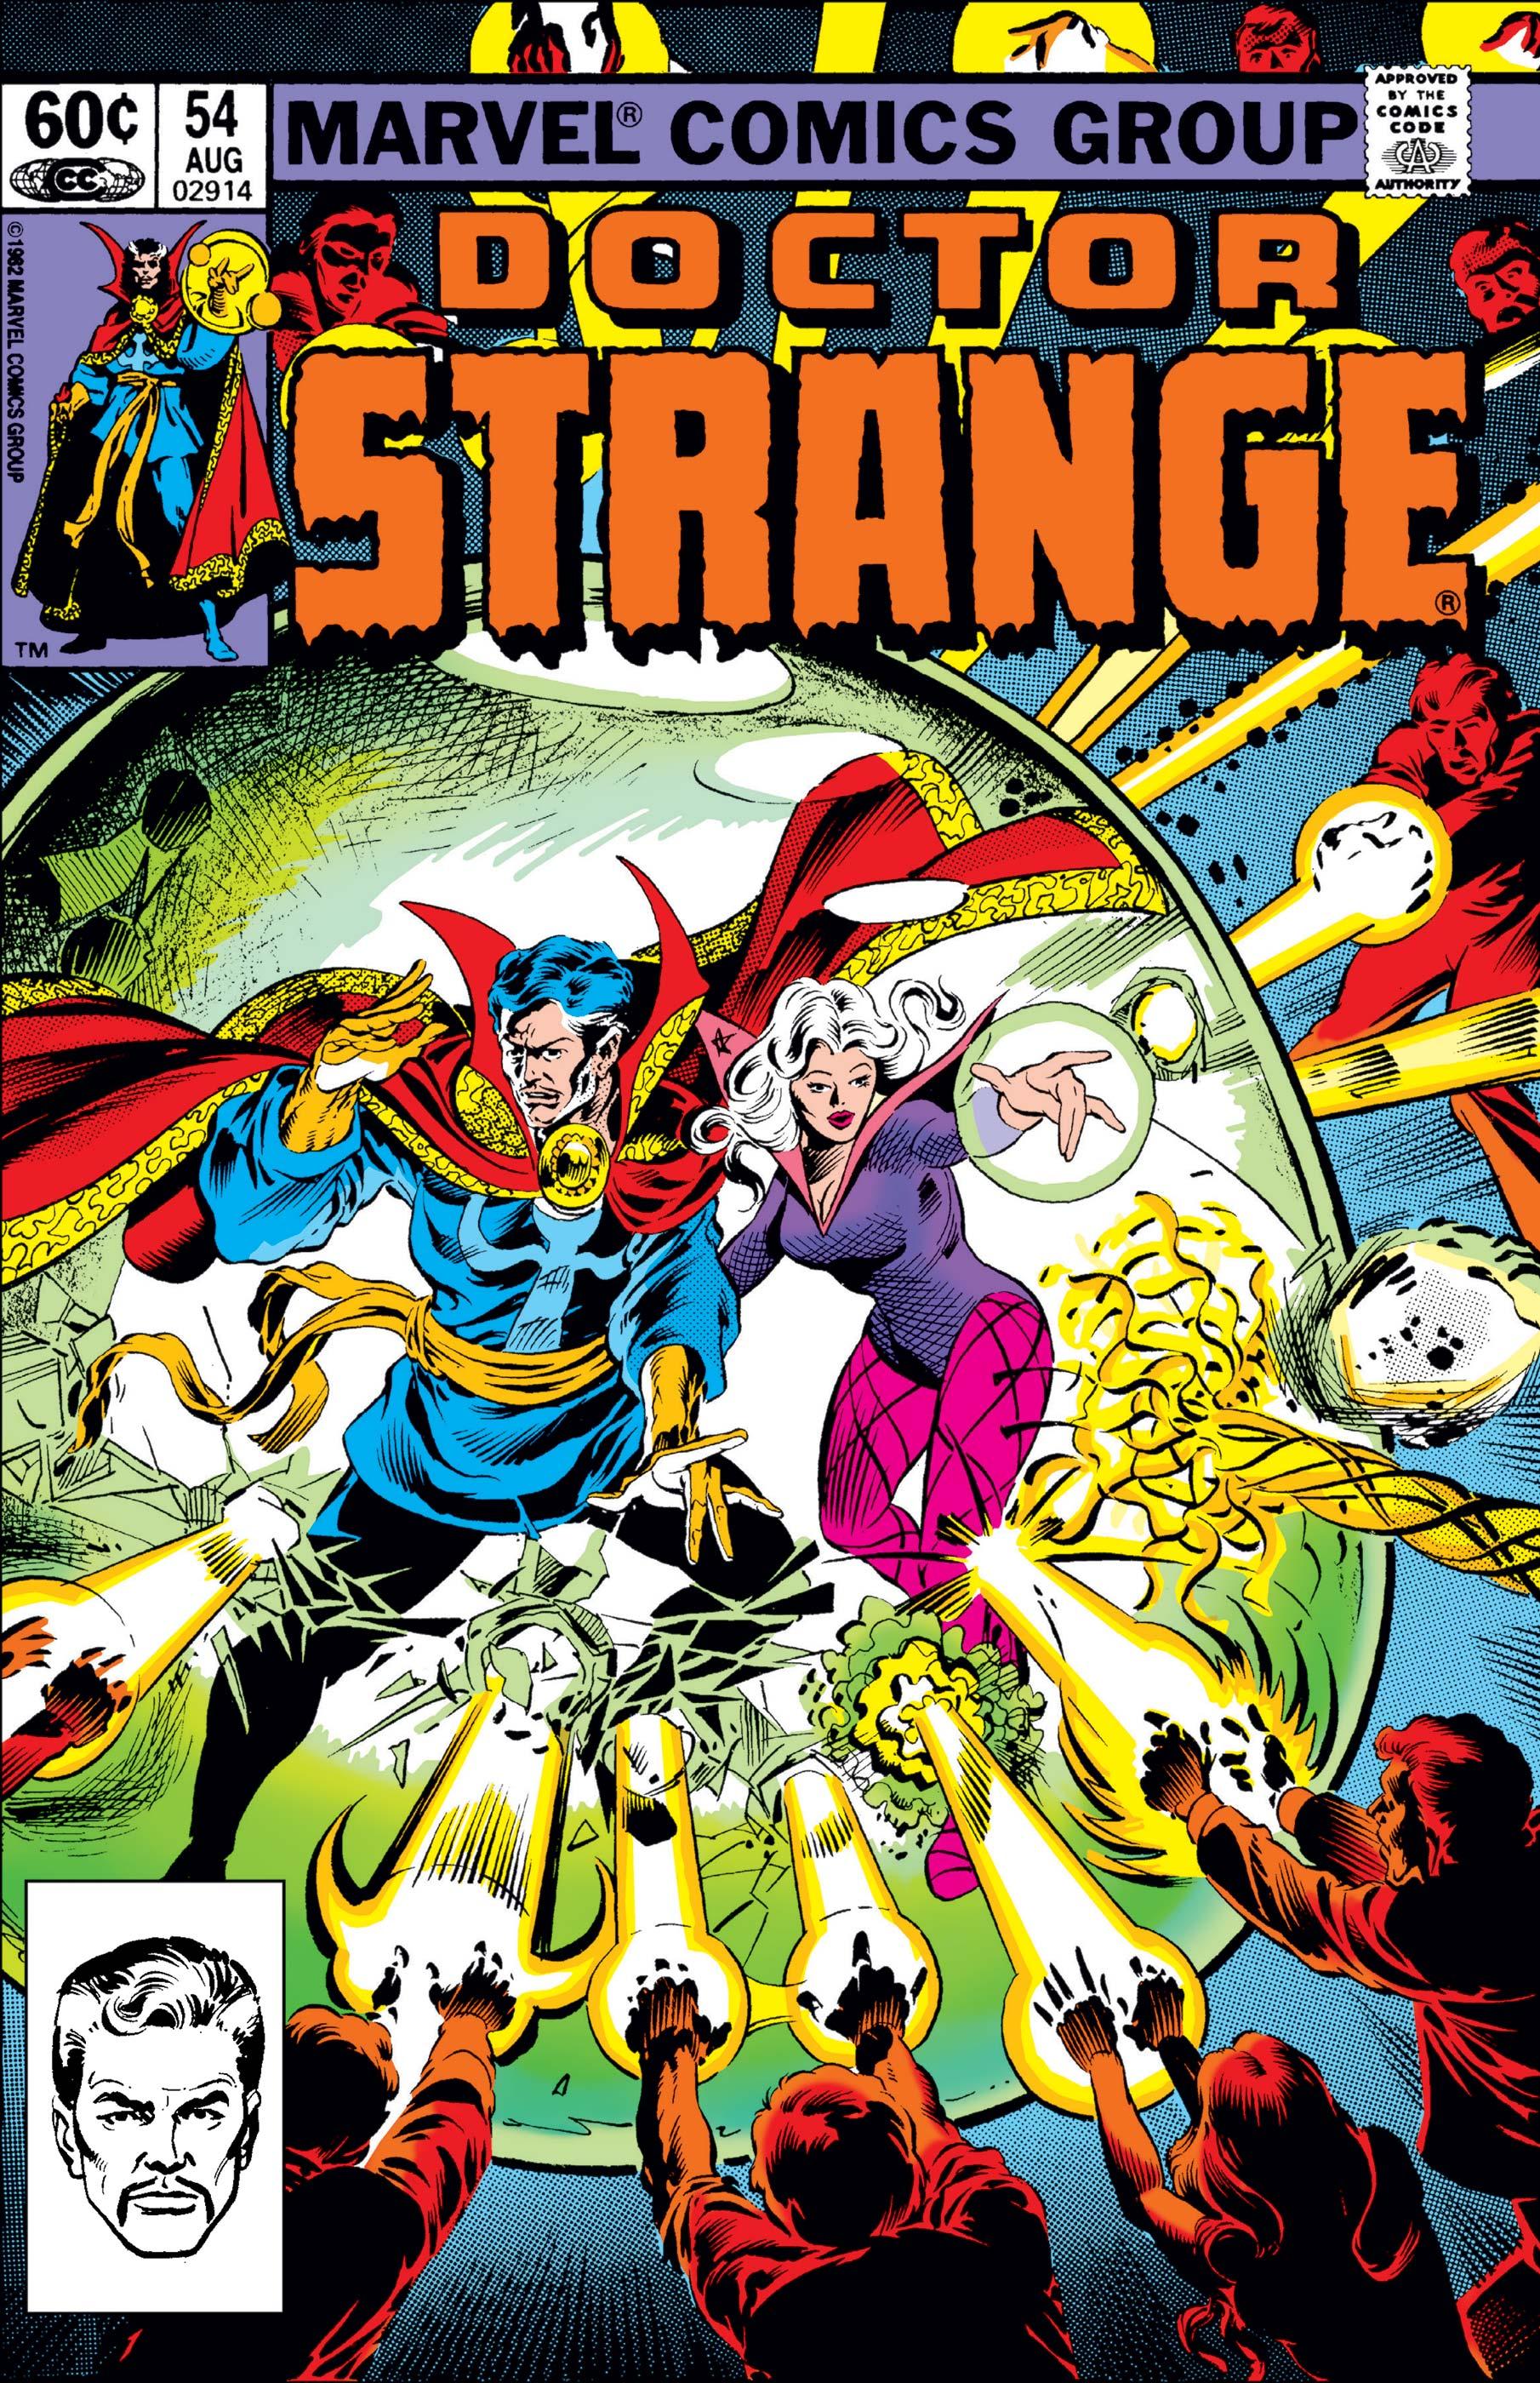 Doctor Strange (1974) #54